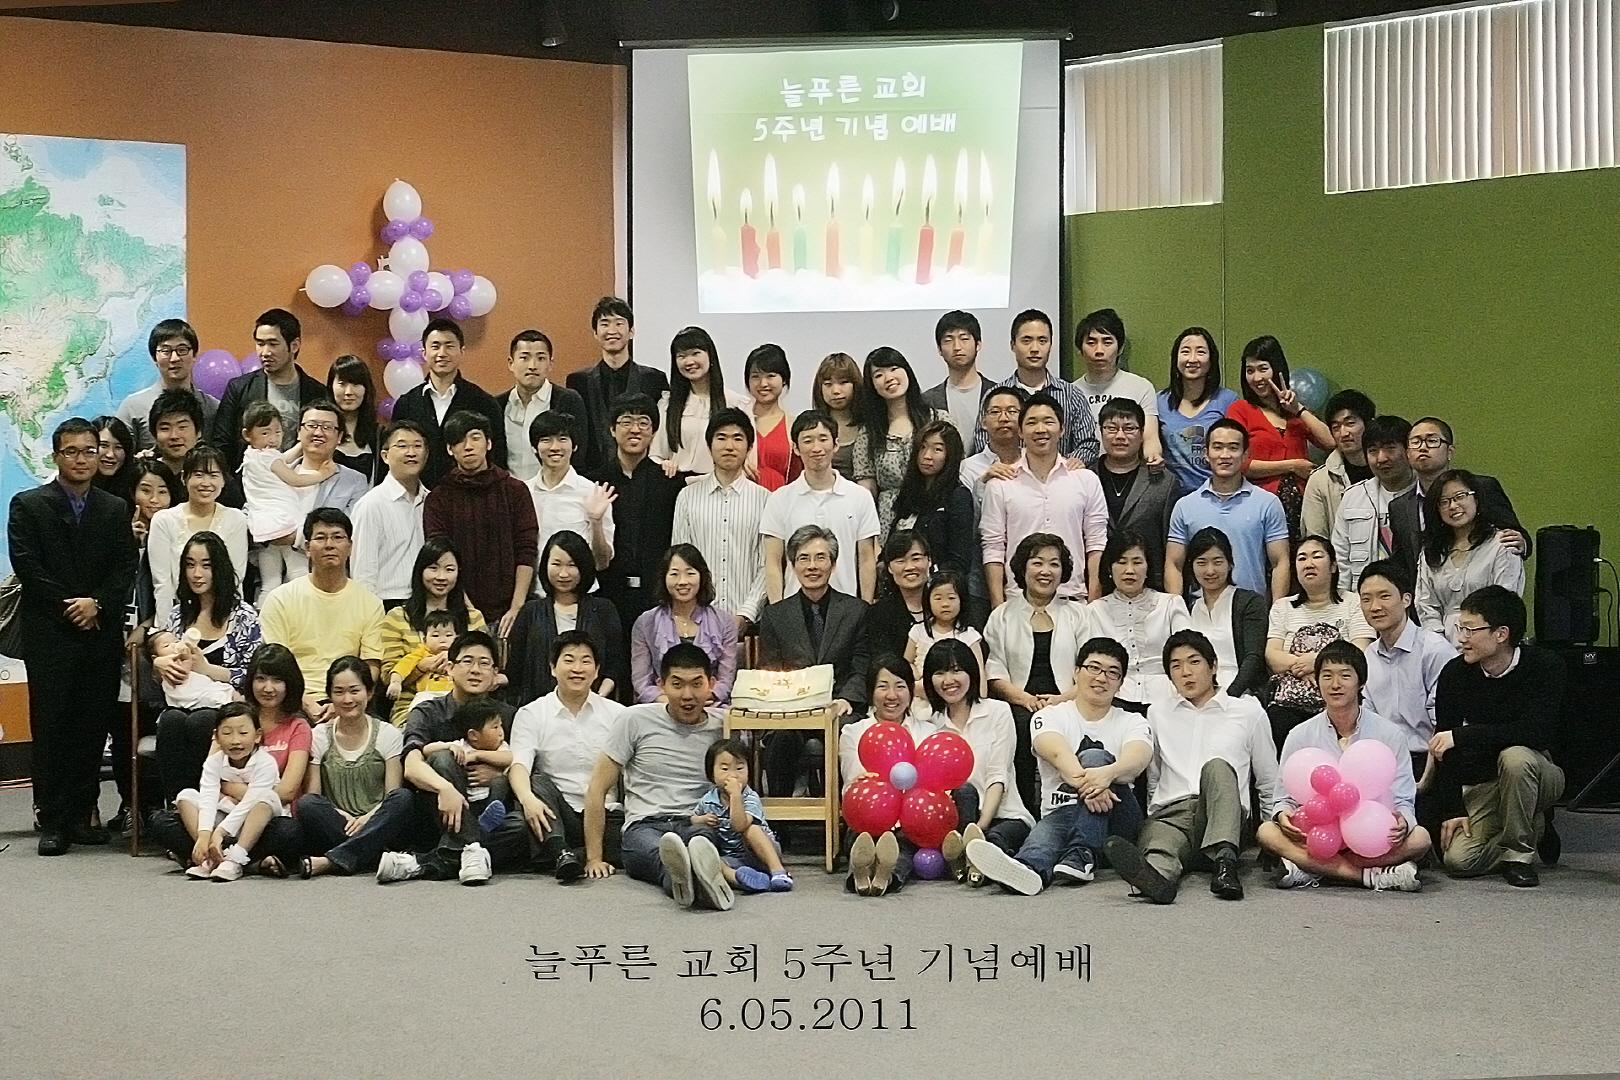 201106_5주년